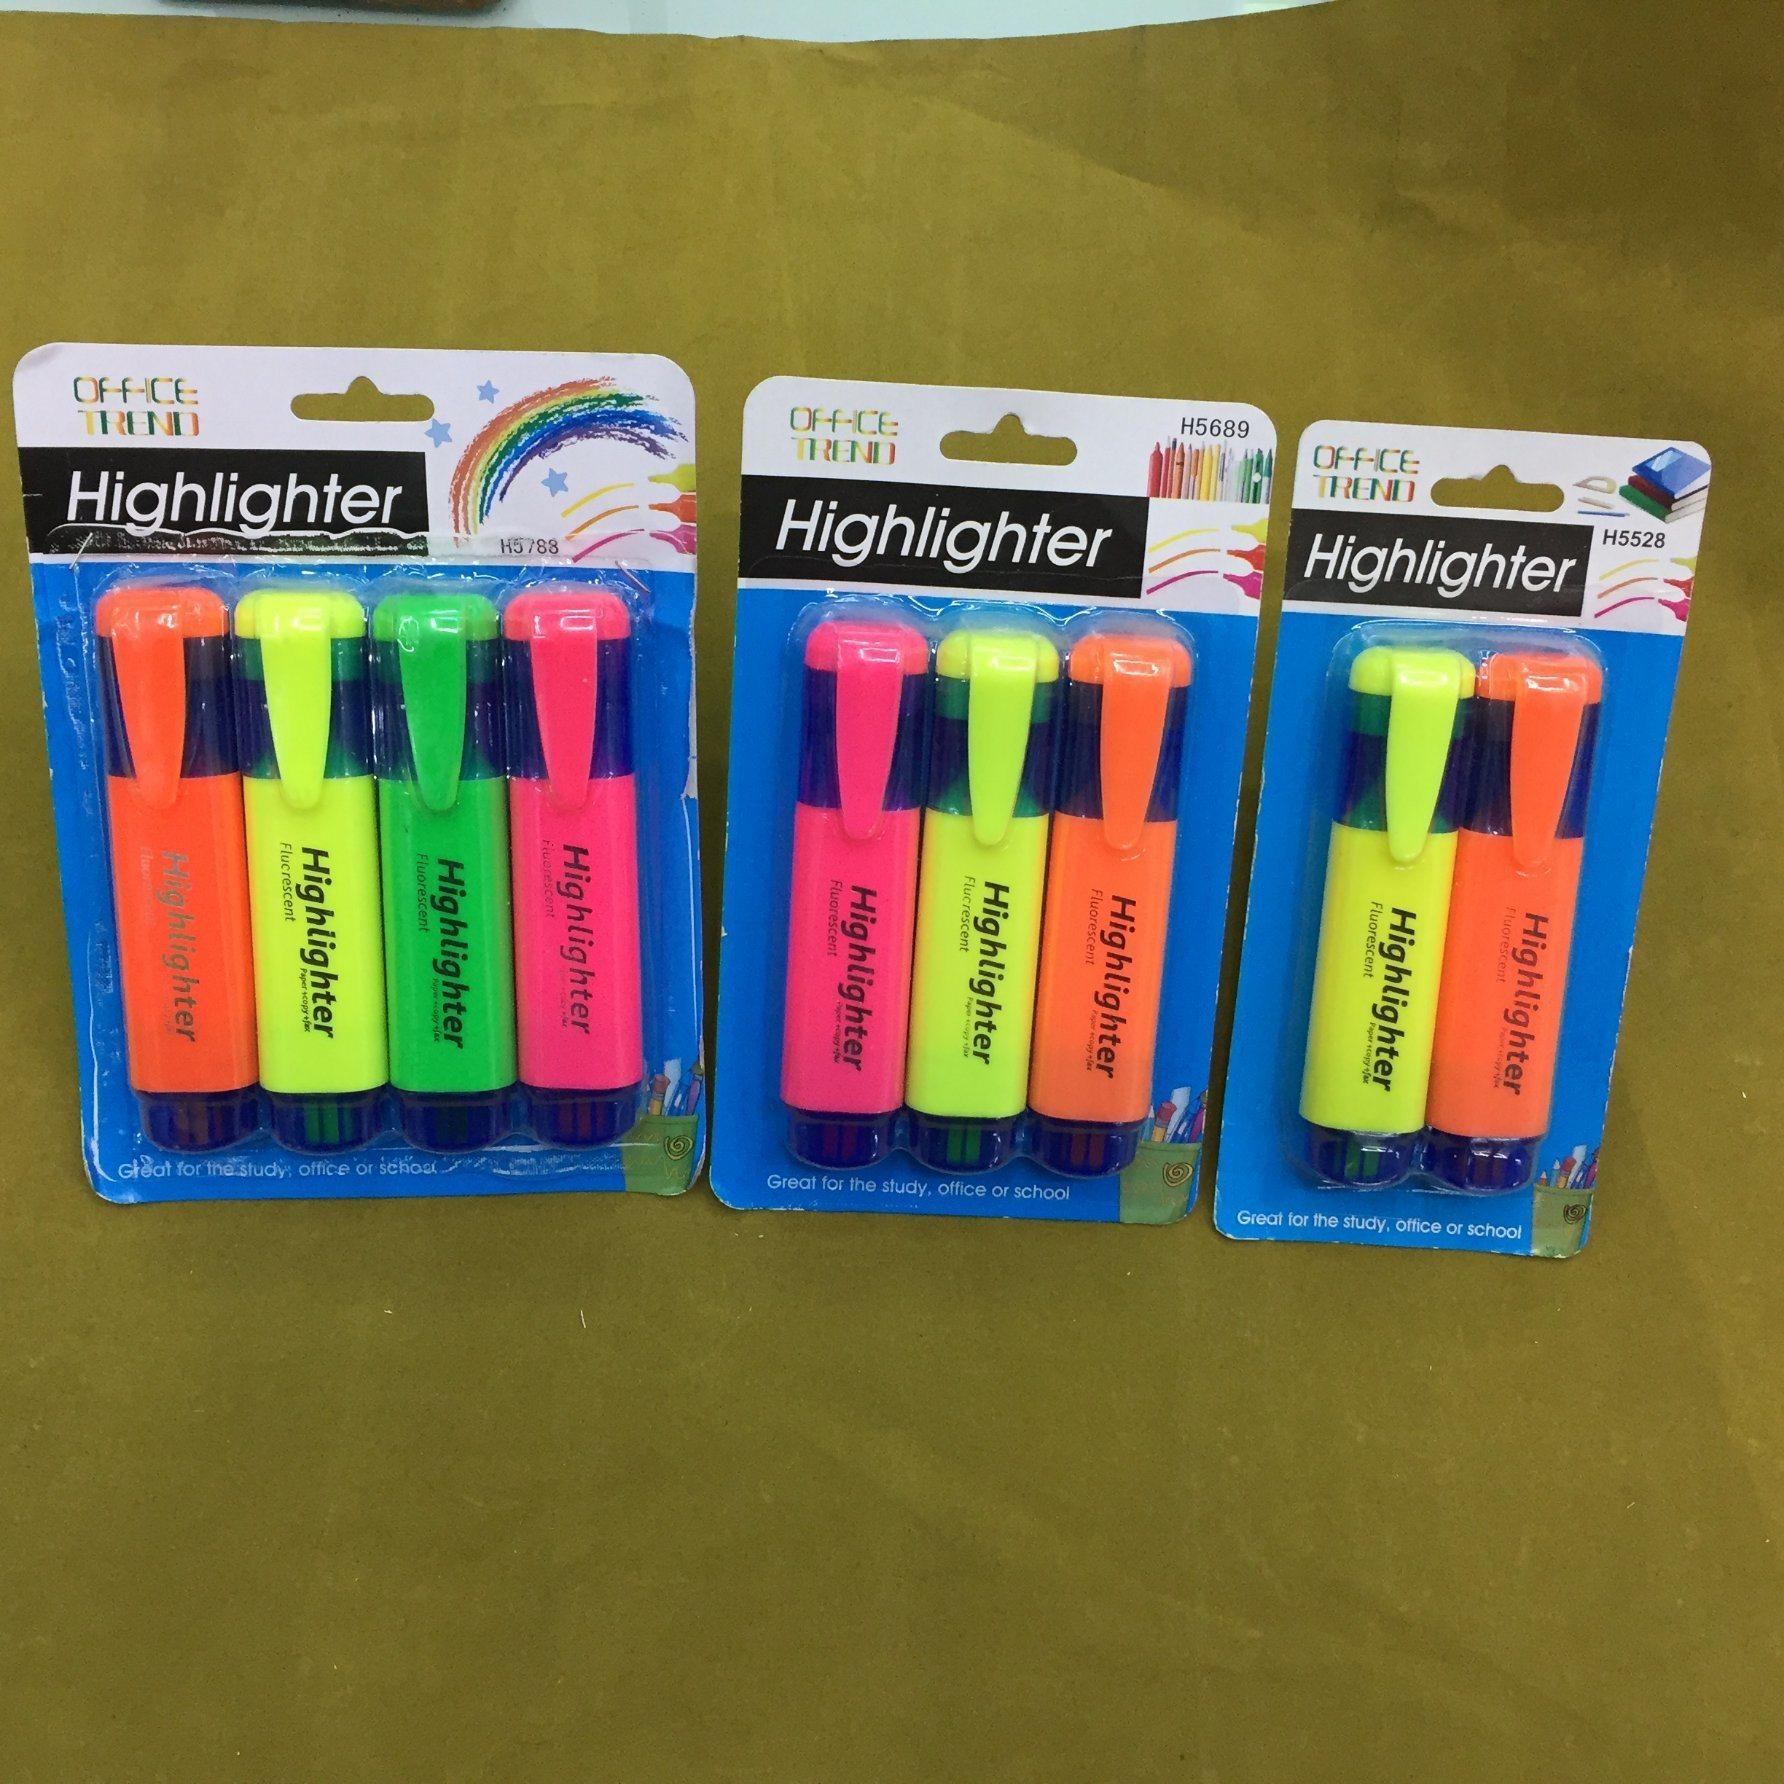 4 Colors Highlighter Pen, Fluorescent Pens